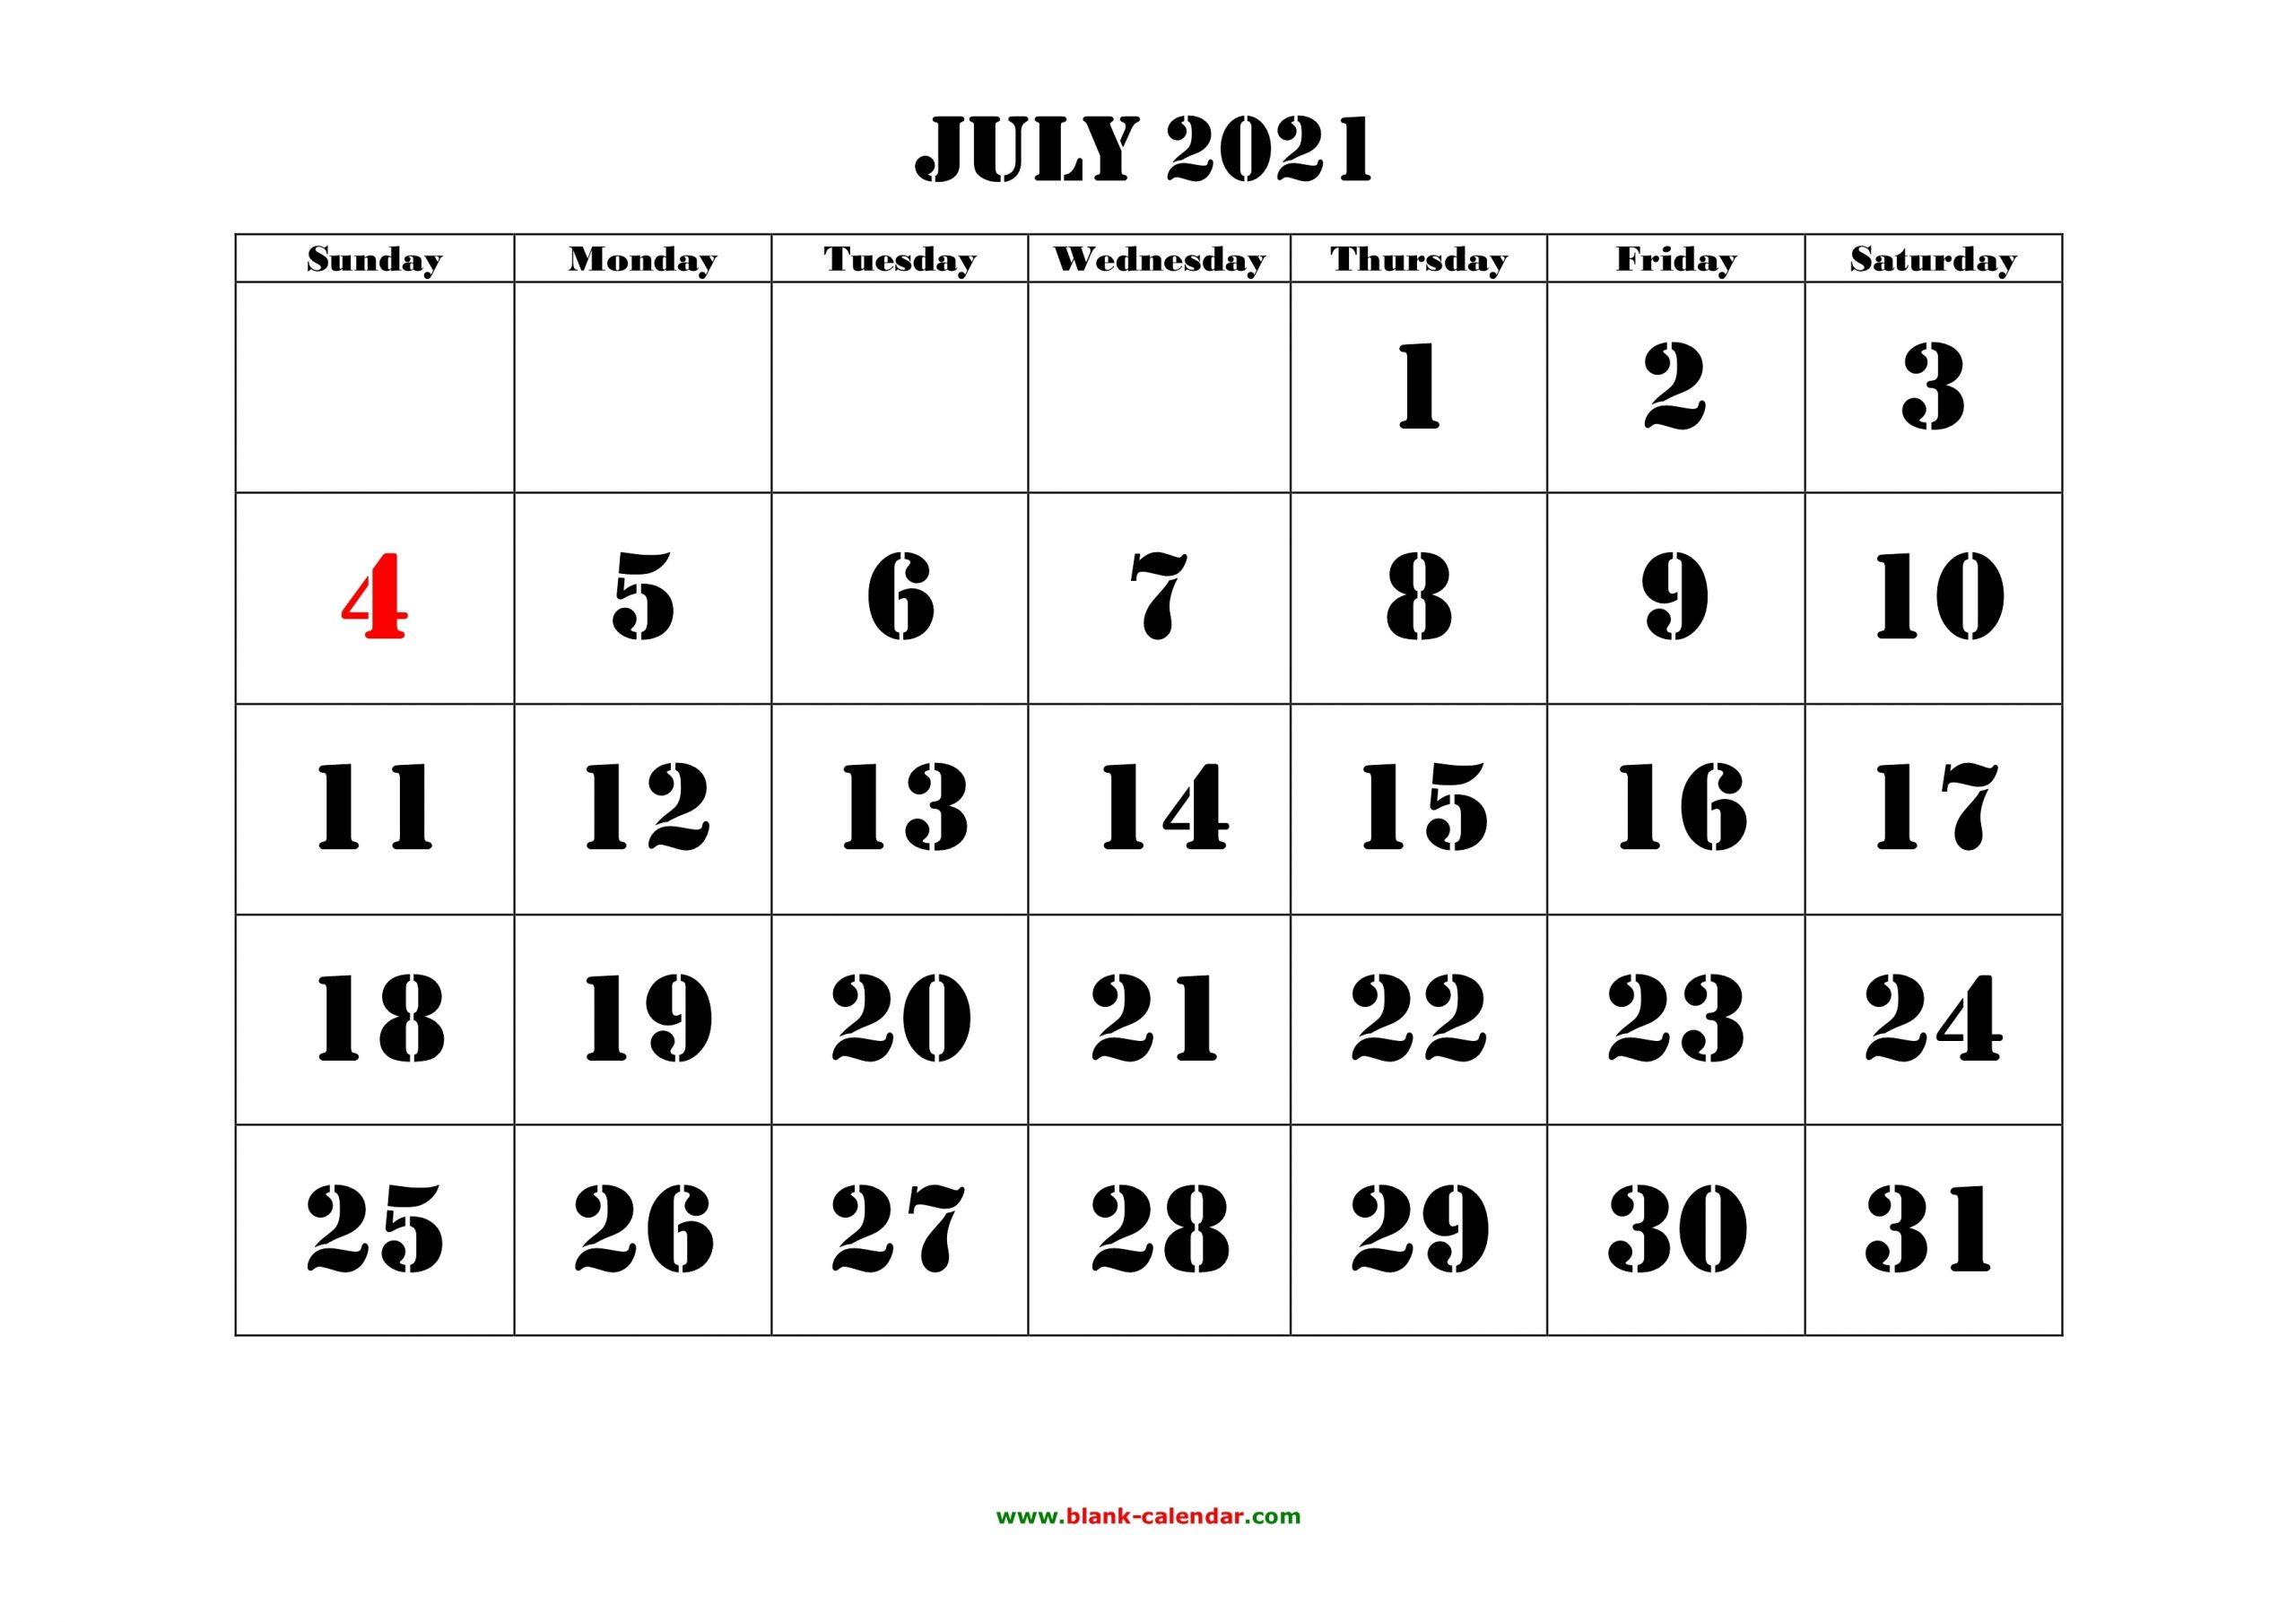 July Calendar 2021 Printable Big Numbers